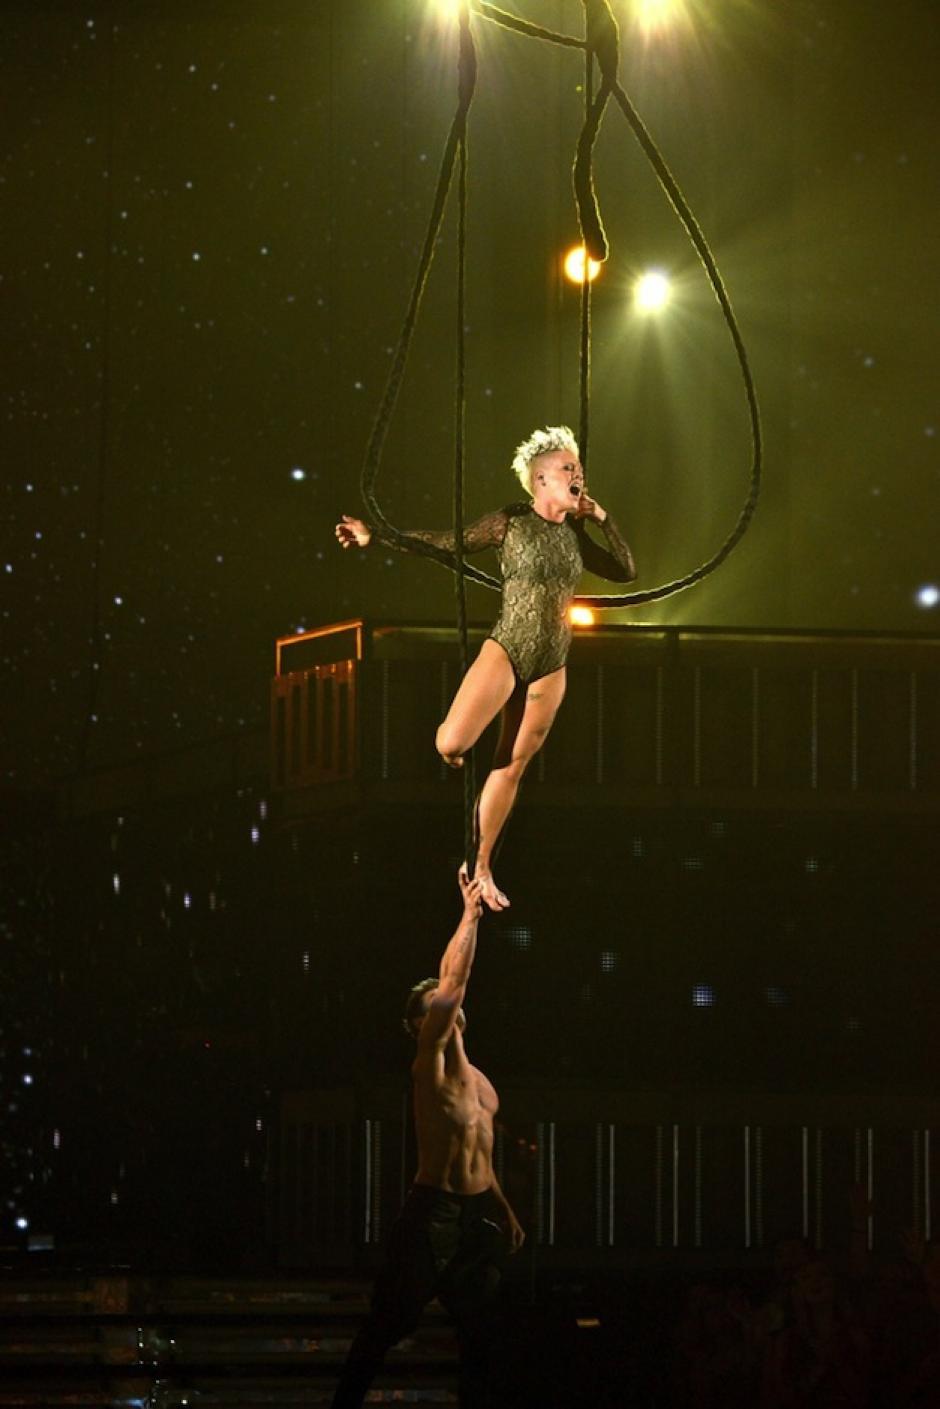 Pink sorprendió con su habilidad en el trapecio. (Foto: Grammy)